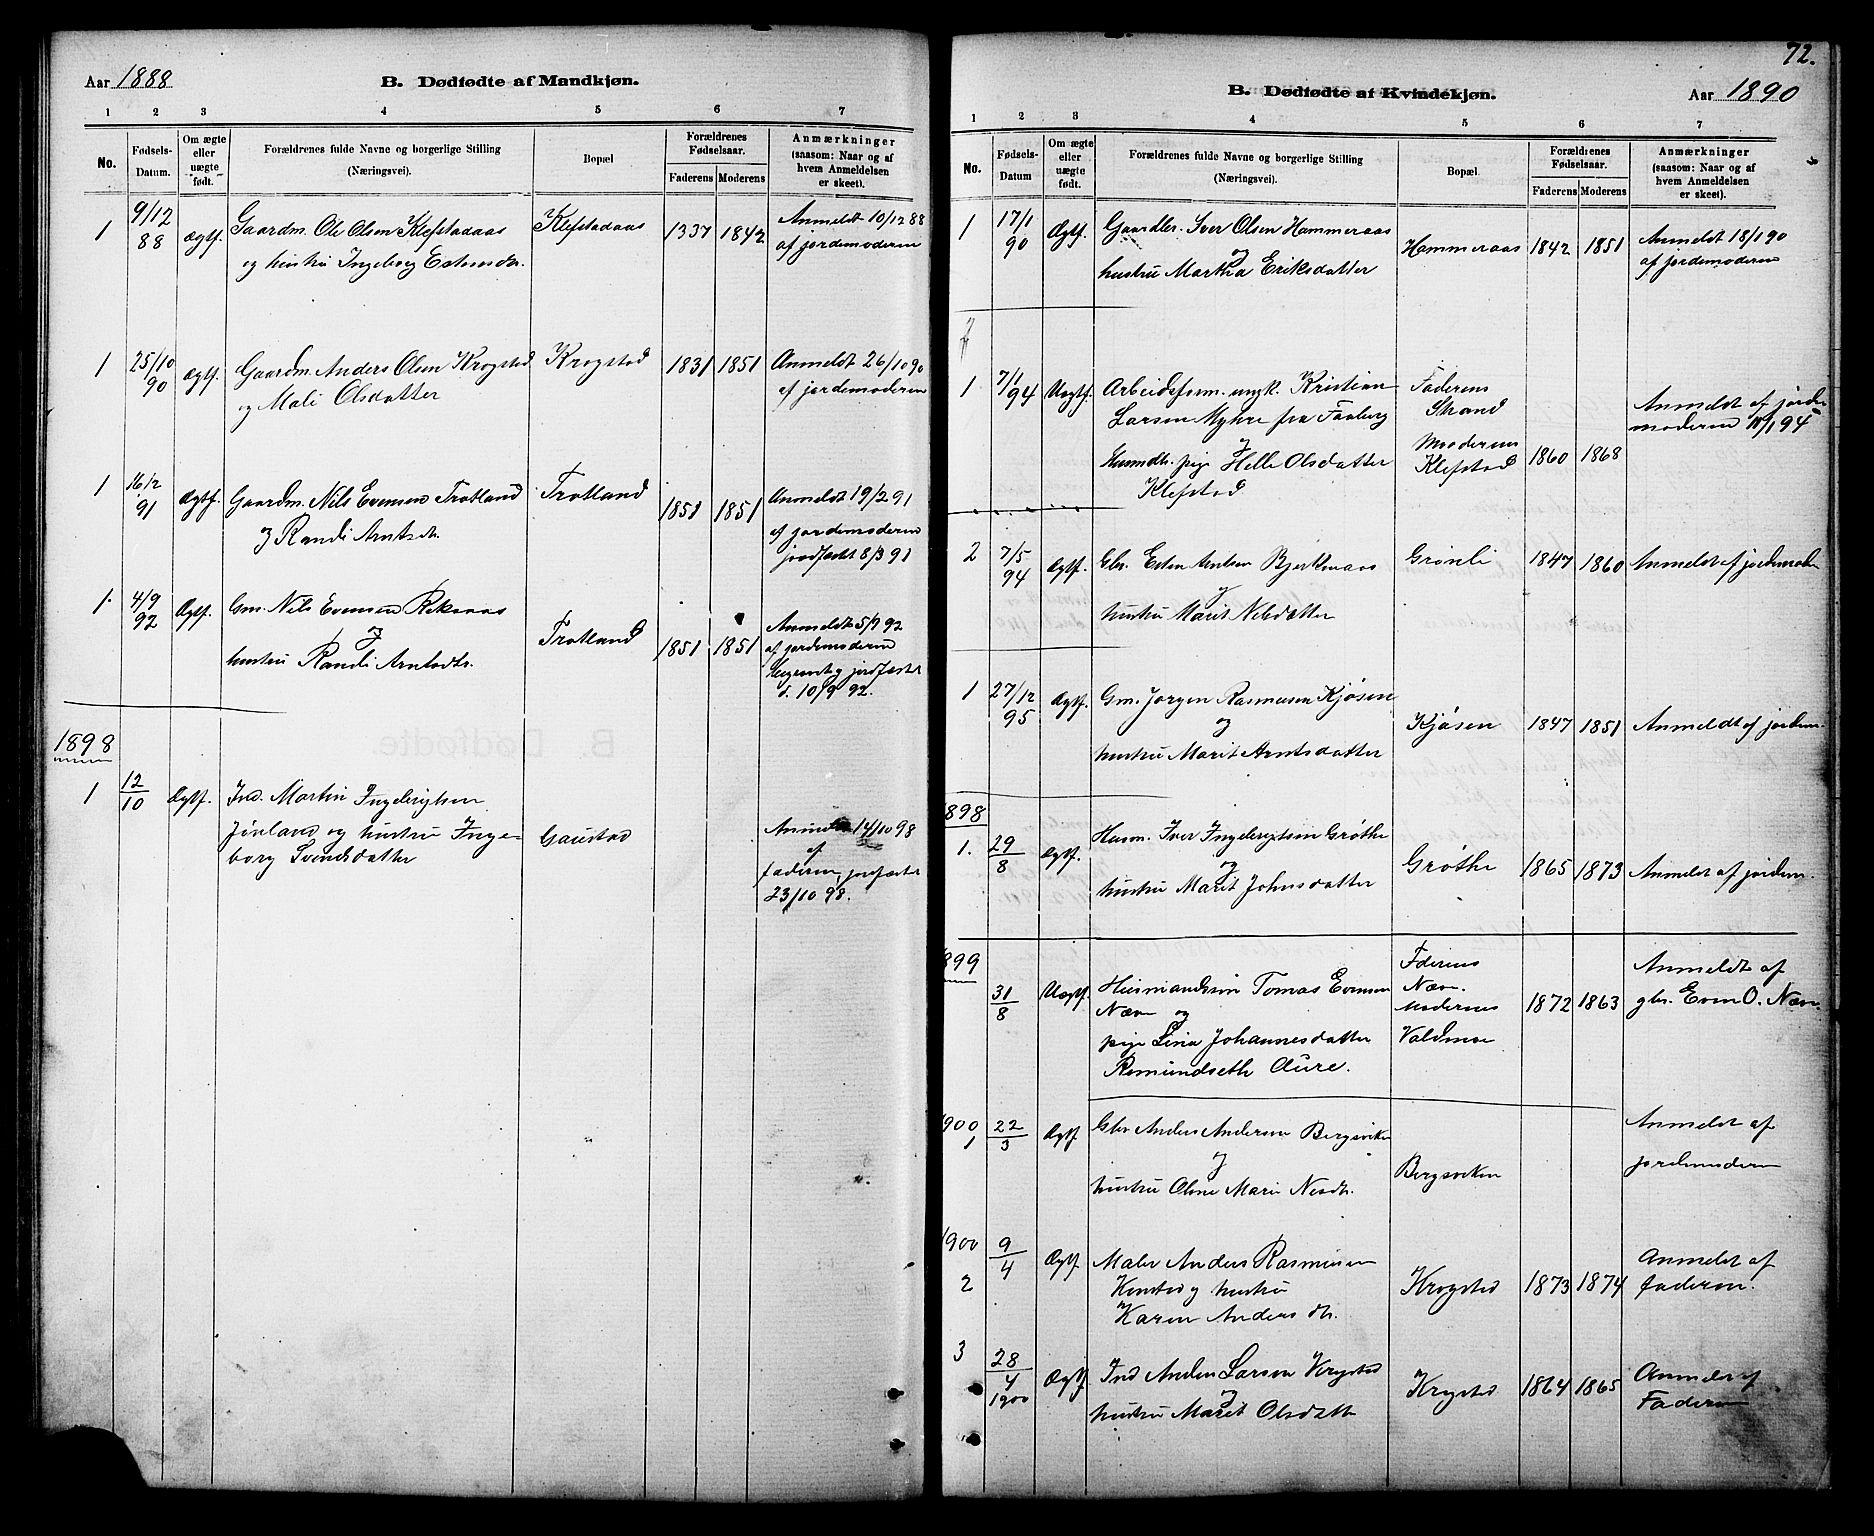 SAT, Ministerialprotokoller, klokkerbøker og fødselsregistre - Sør-Trøndelag, 694/L1132: Klokkerbok nr. 694C04, 1887-1914, s. 72